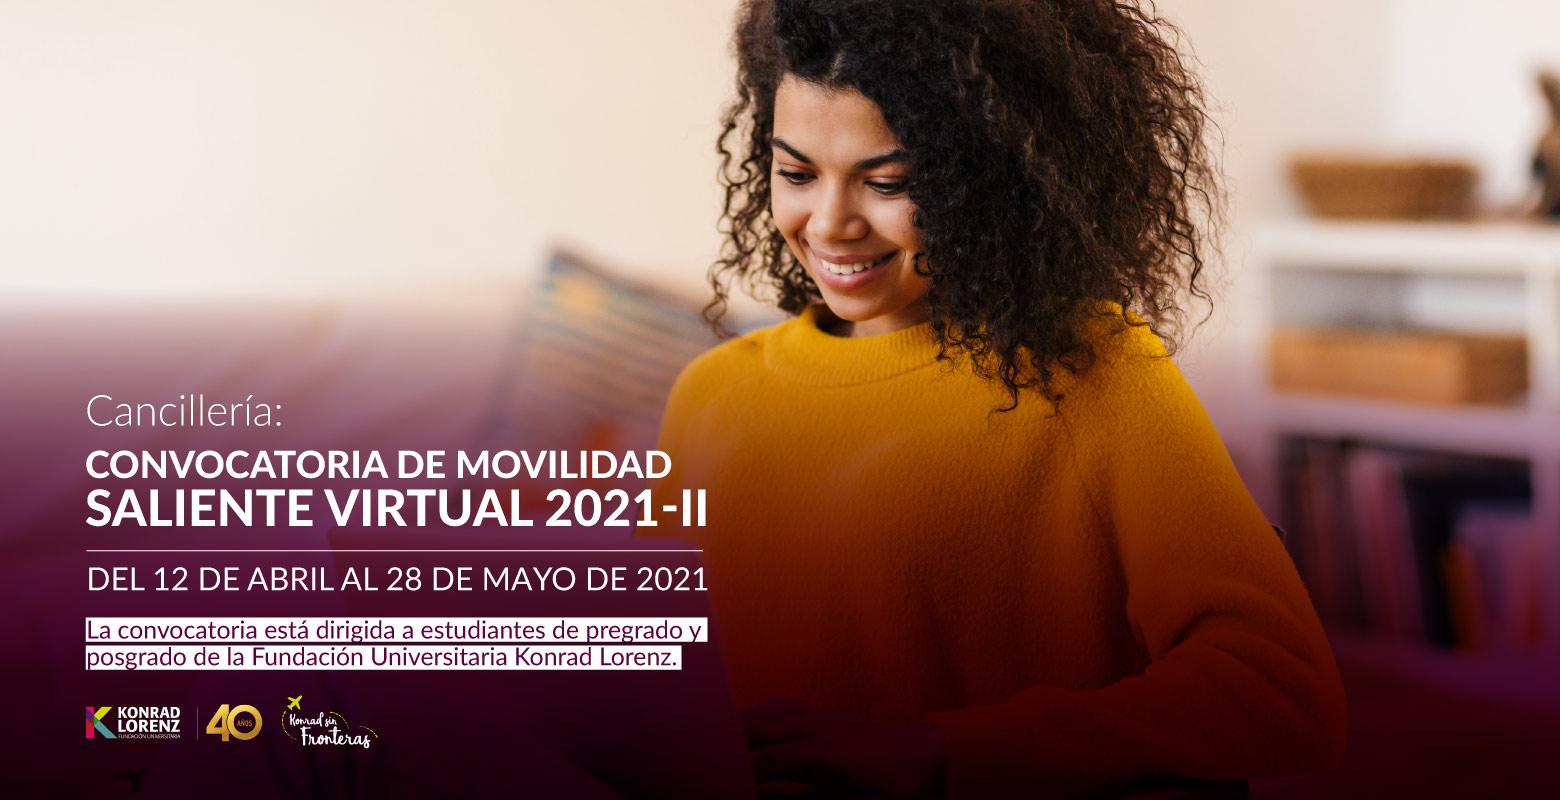 Convocatoria de Movilidad Saliente Virtual 2021-II